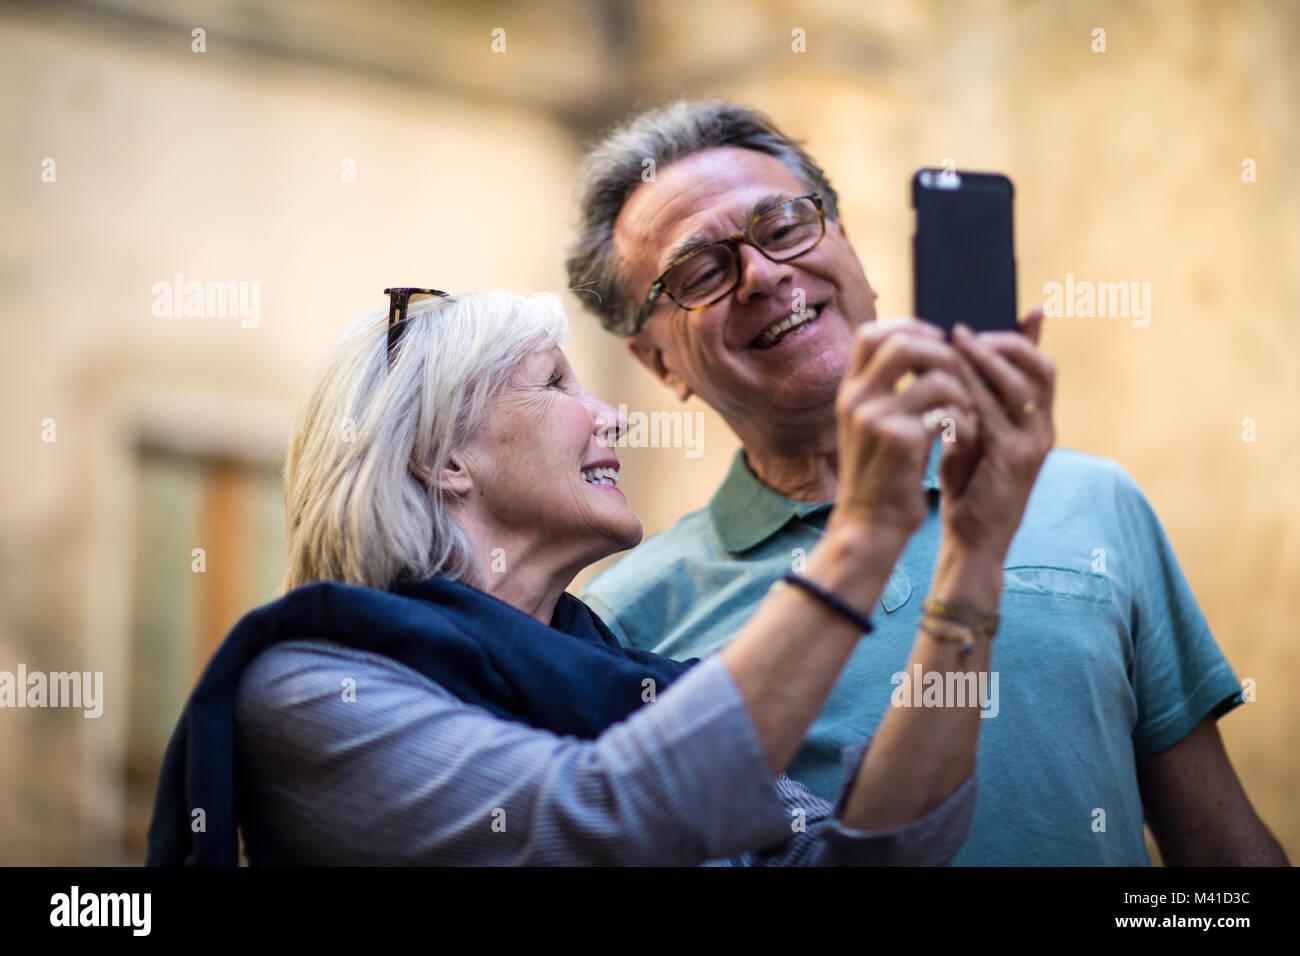 Alto par de vacaciones tomando un selfie Imagen De Stock